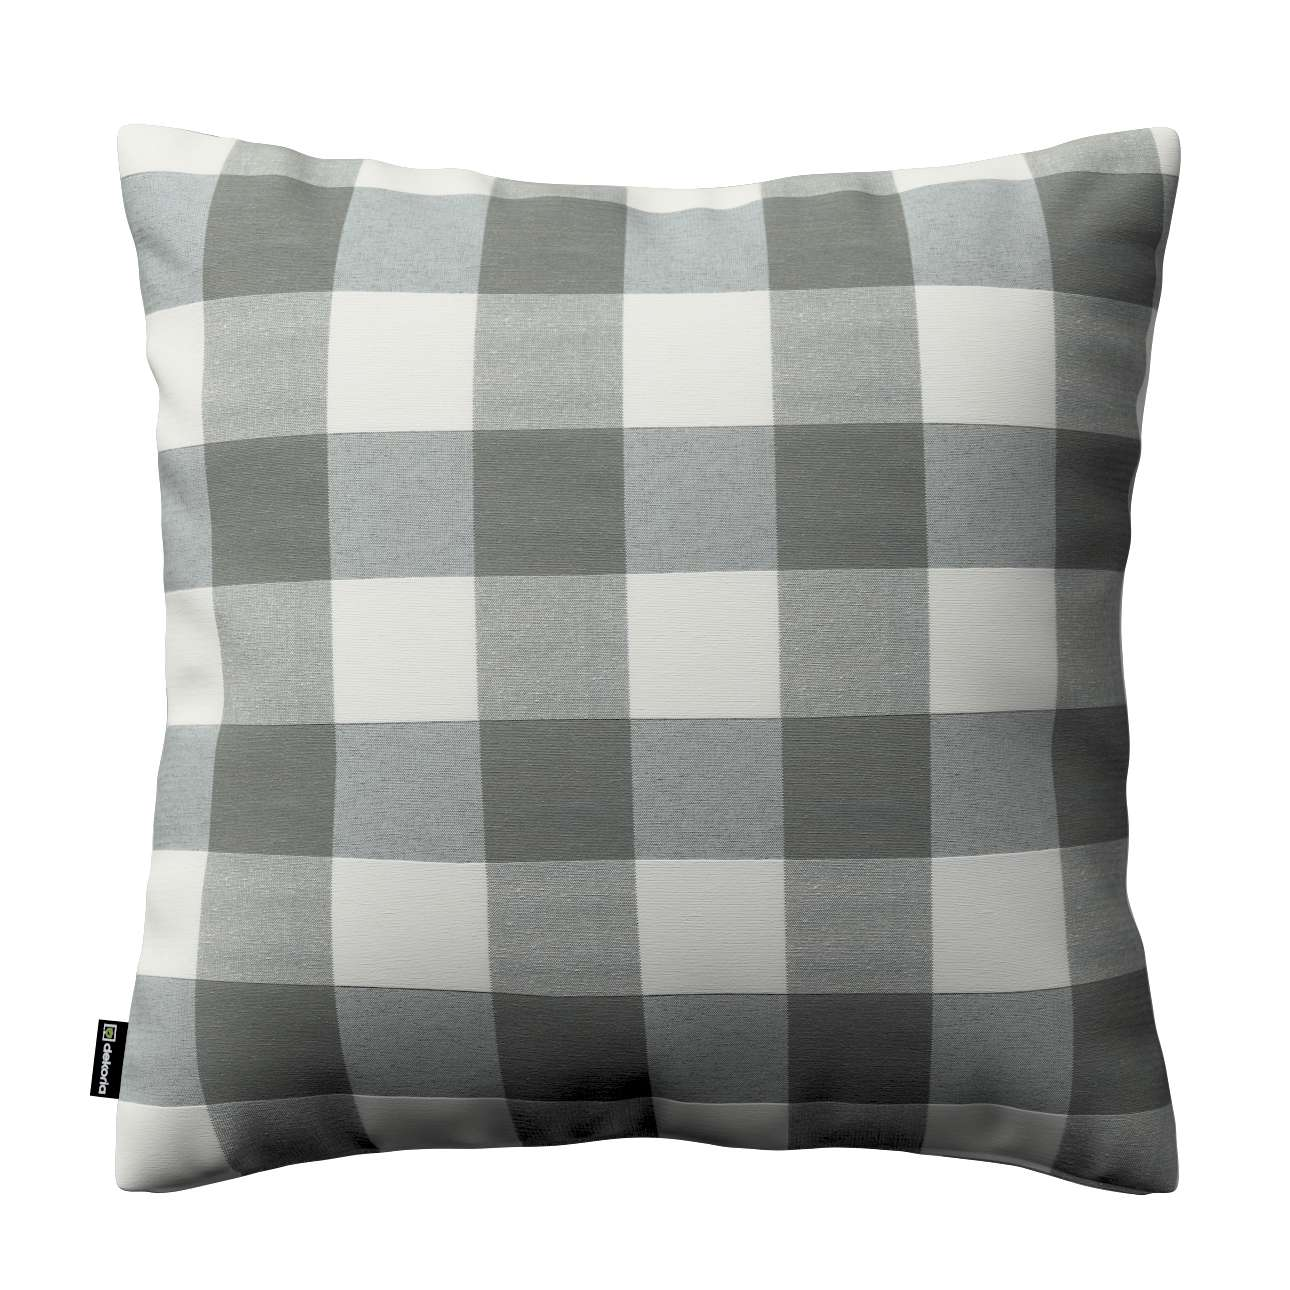 Kinga dekoratyvinės pagalvėlės užvalkalas 43 x 43 cm kolekcijoje Quadro, audinys: 136-13